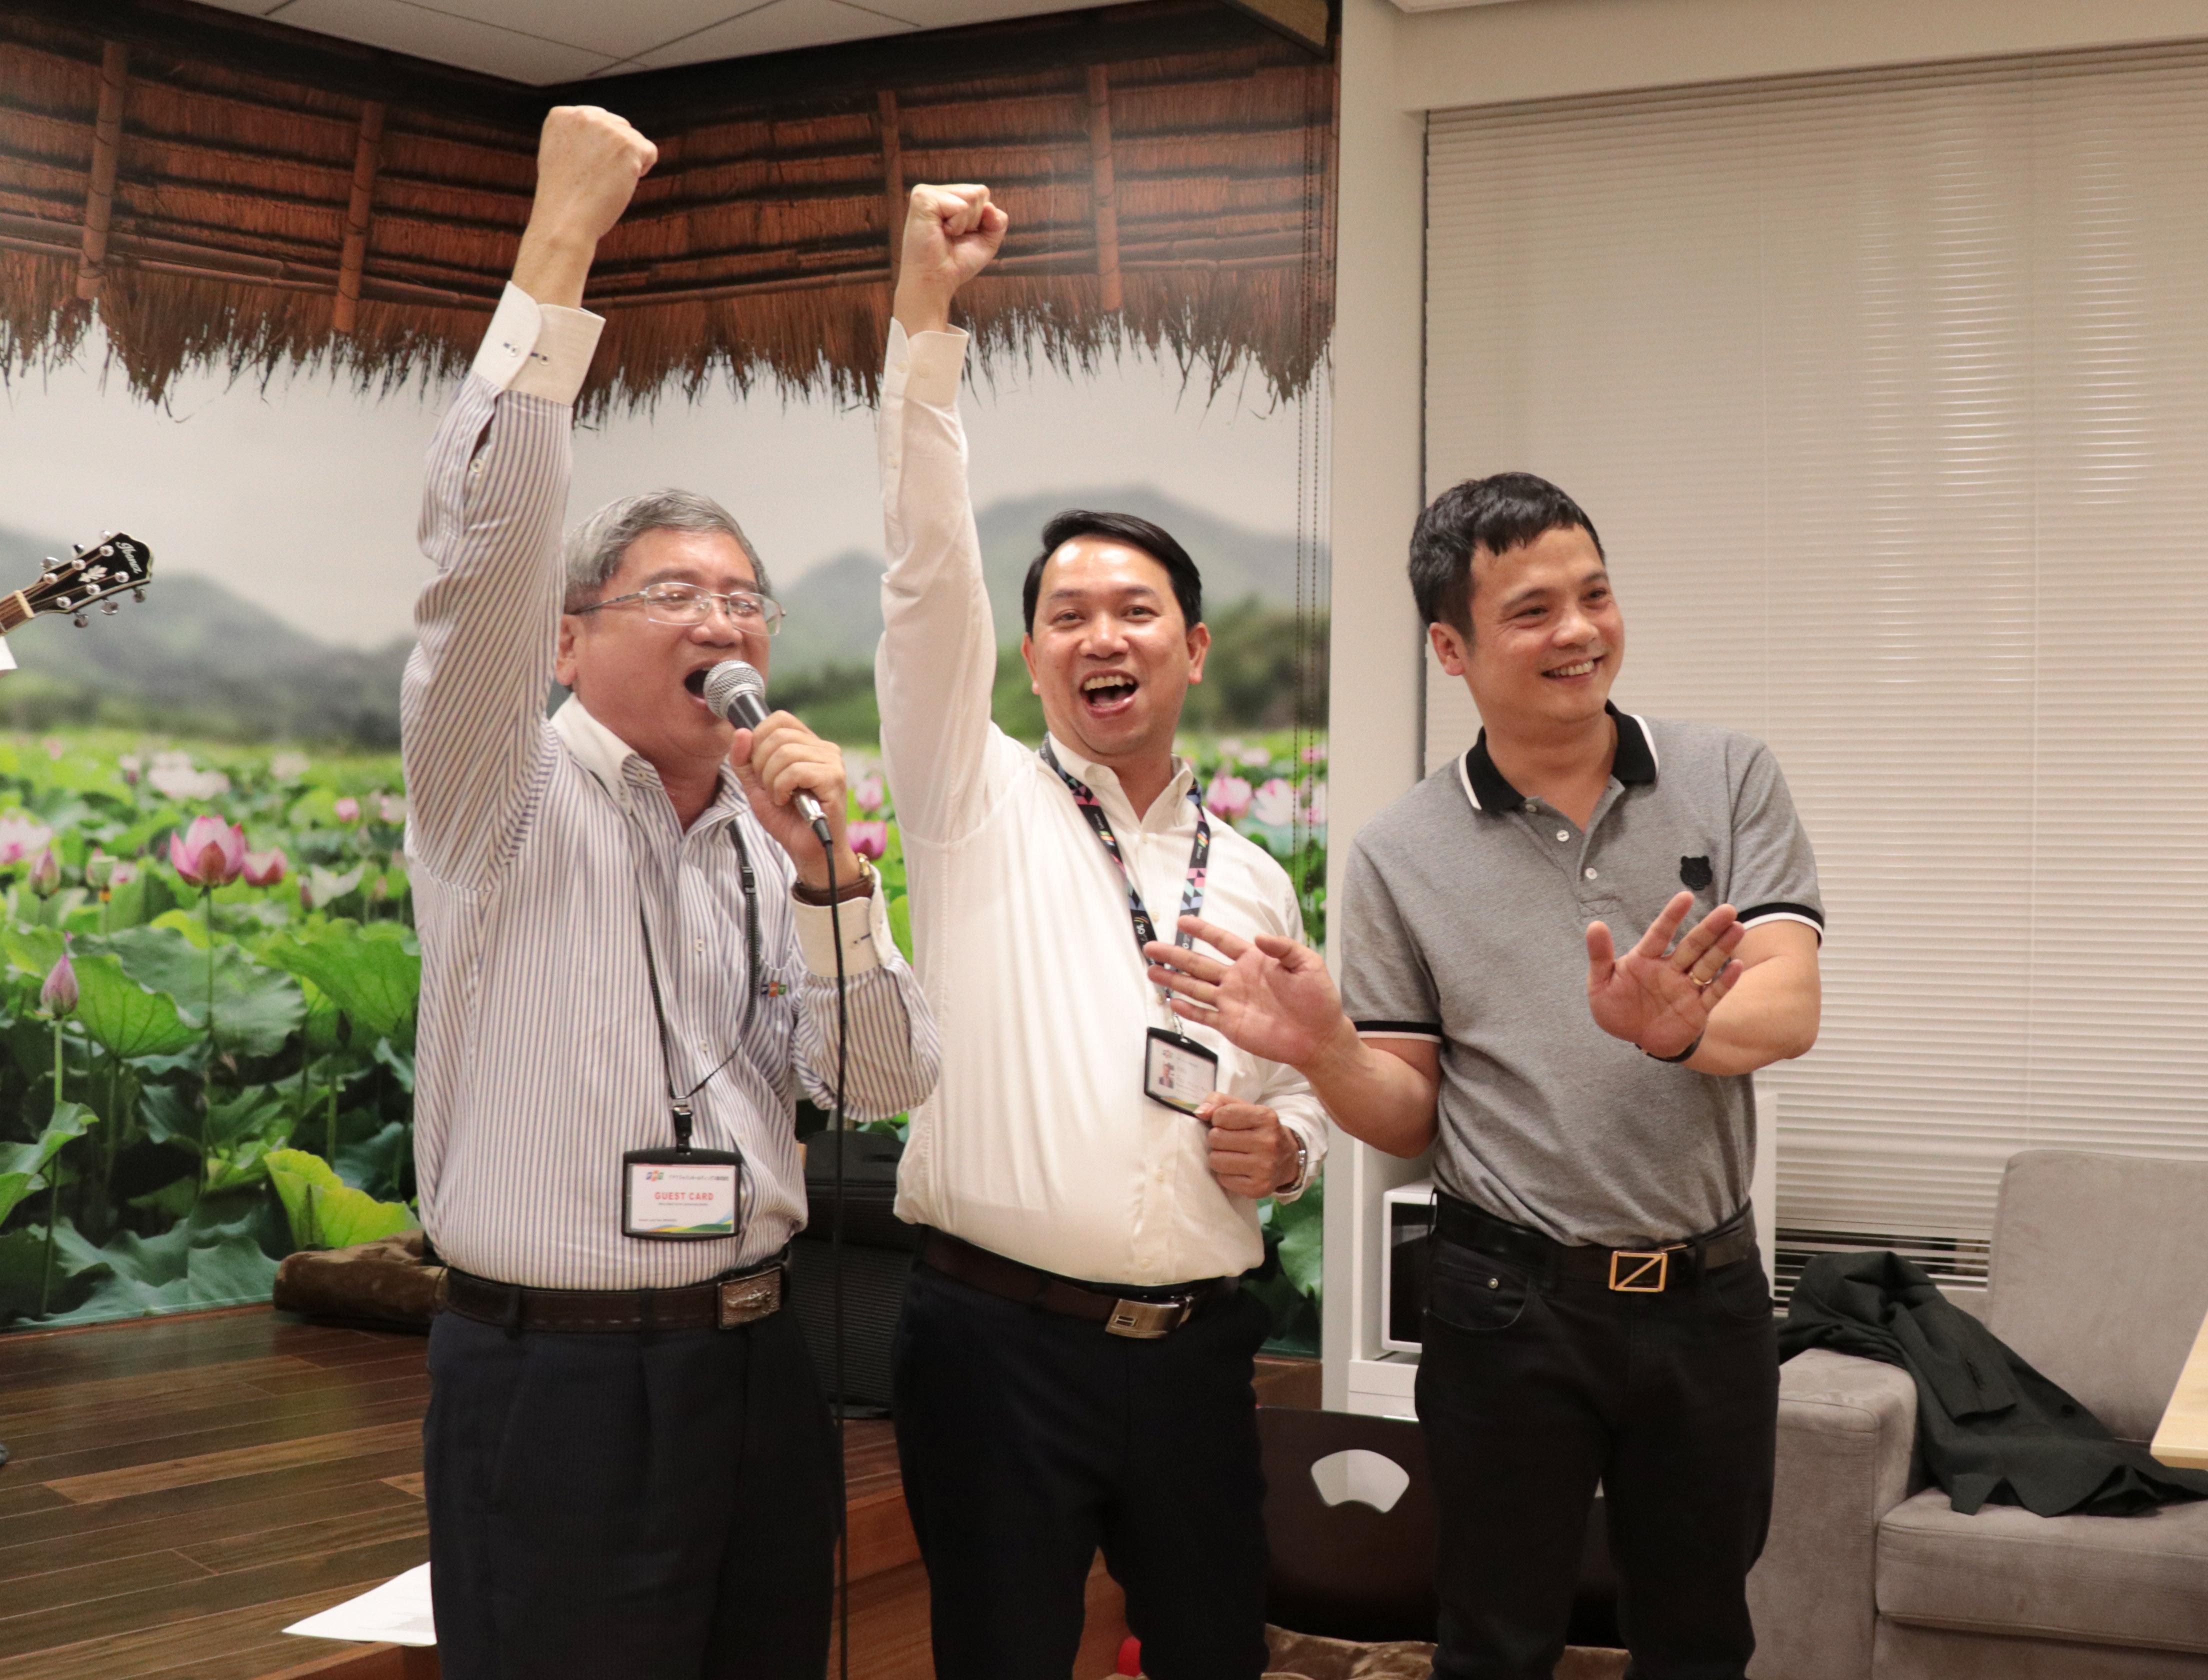 Đêm nhạc STCo dành tặng Phó Chủ tịch FPT Bùi Quang Ngọc và CEO FPT Nguyễn Văn Khoa diễn ra tối ngày 20/5, tại Văn phòng Daimon (Tokyo).Những tiết mục đặc sắc, hấp dẫn do chính người nhà F thể hiện đã tạo bầu không khí ấm cúng.